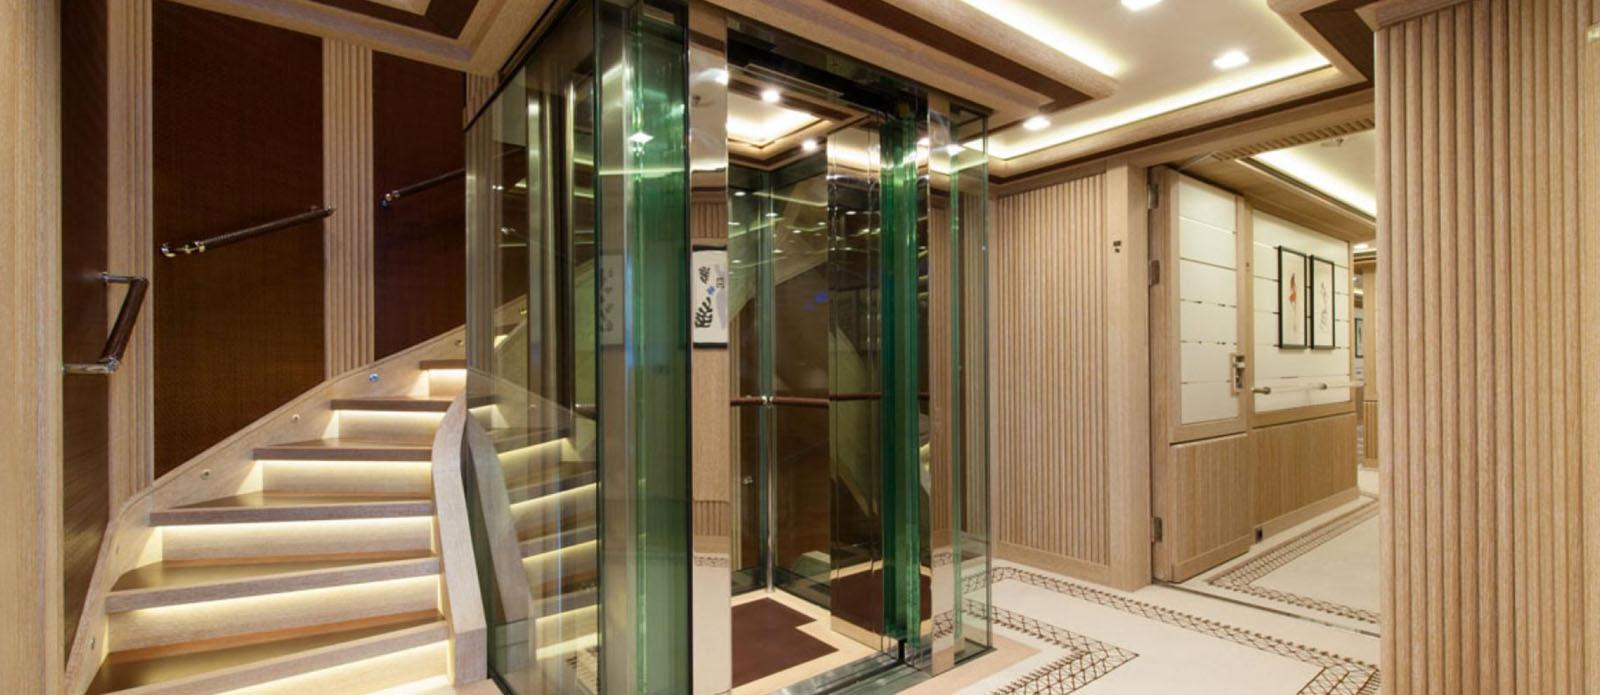 Axioma - Lift